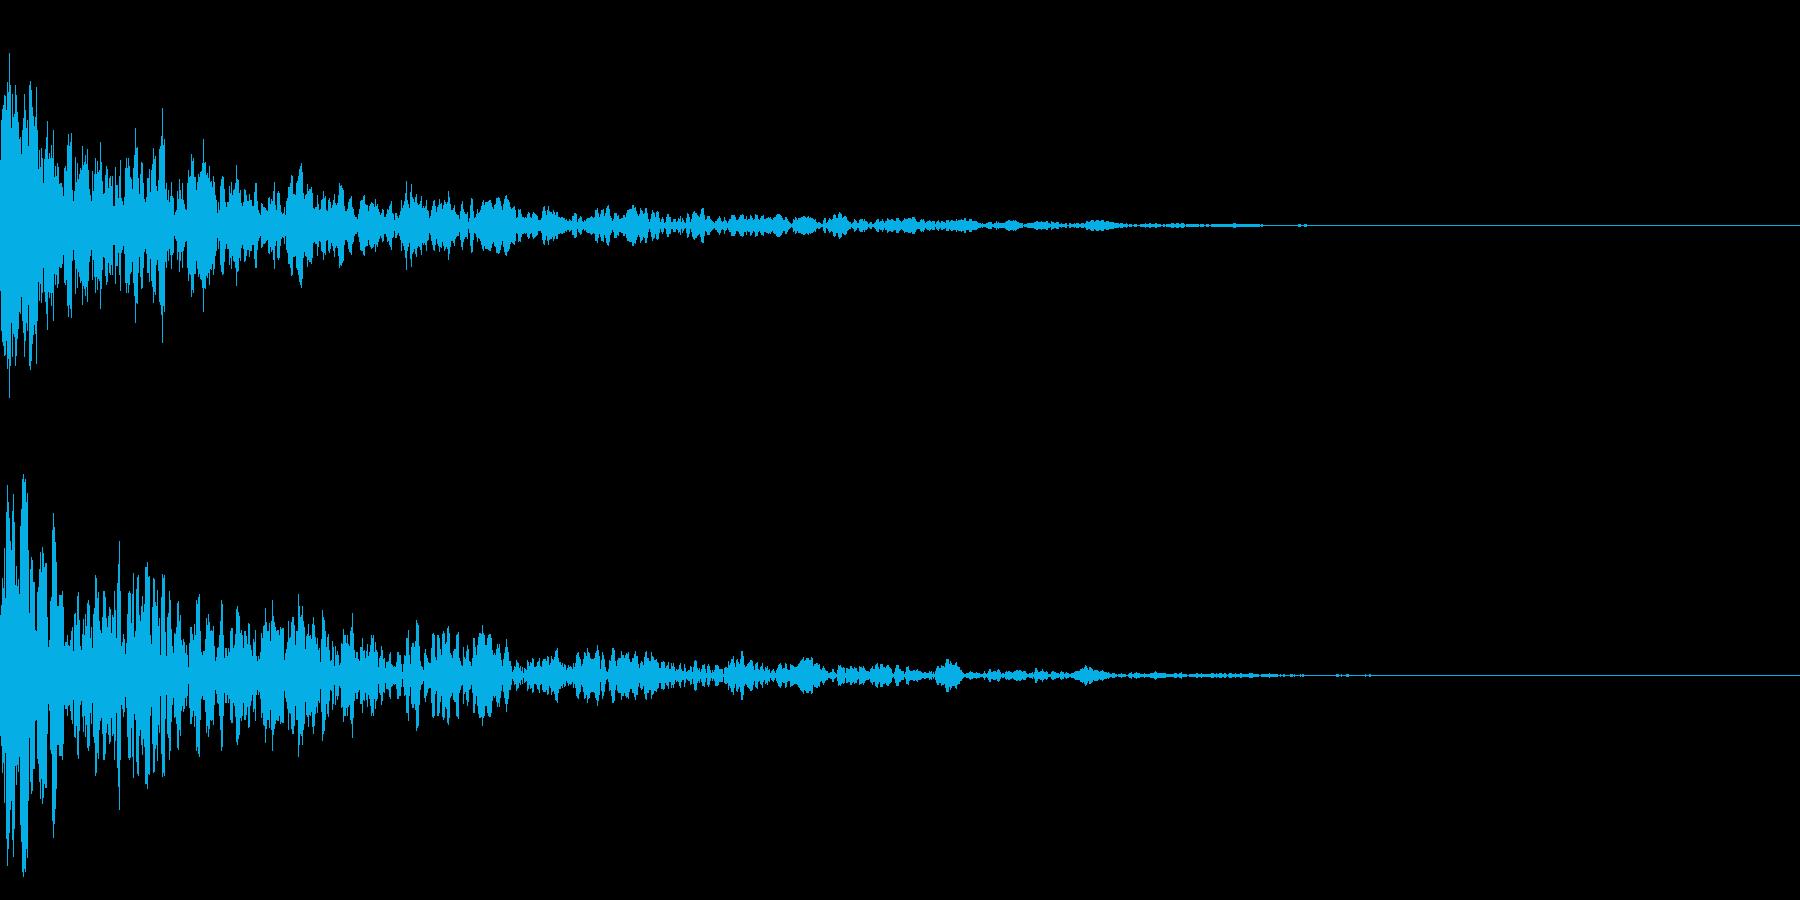 ドーン-07-1(インパクト音)の再生済みの波形